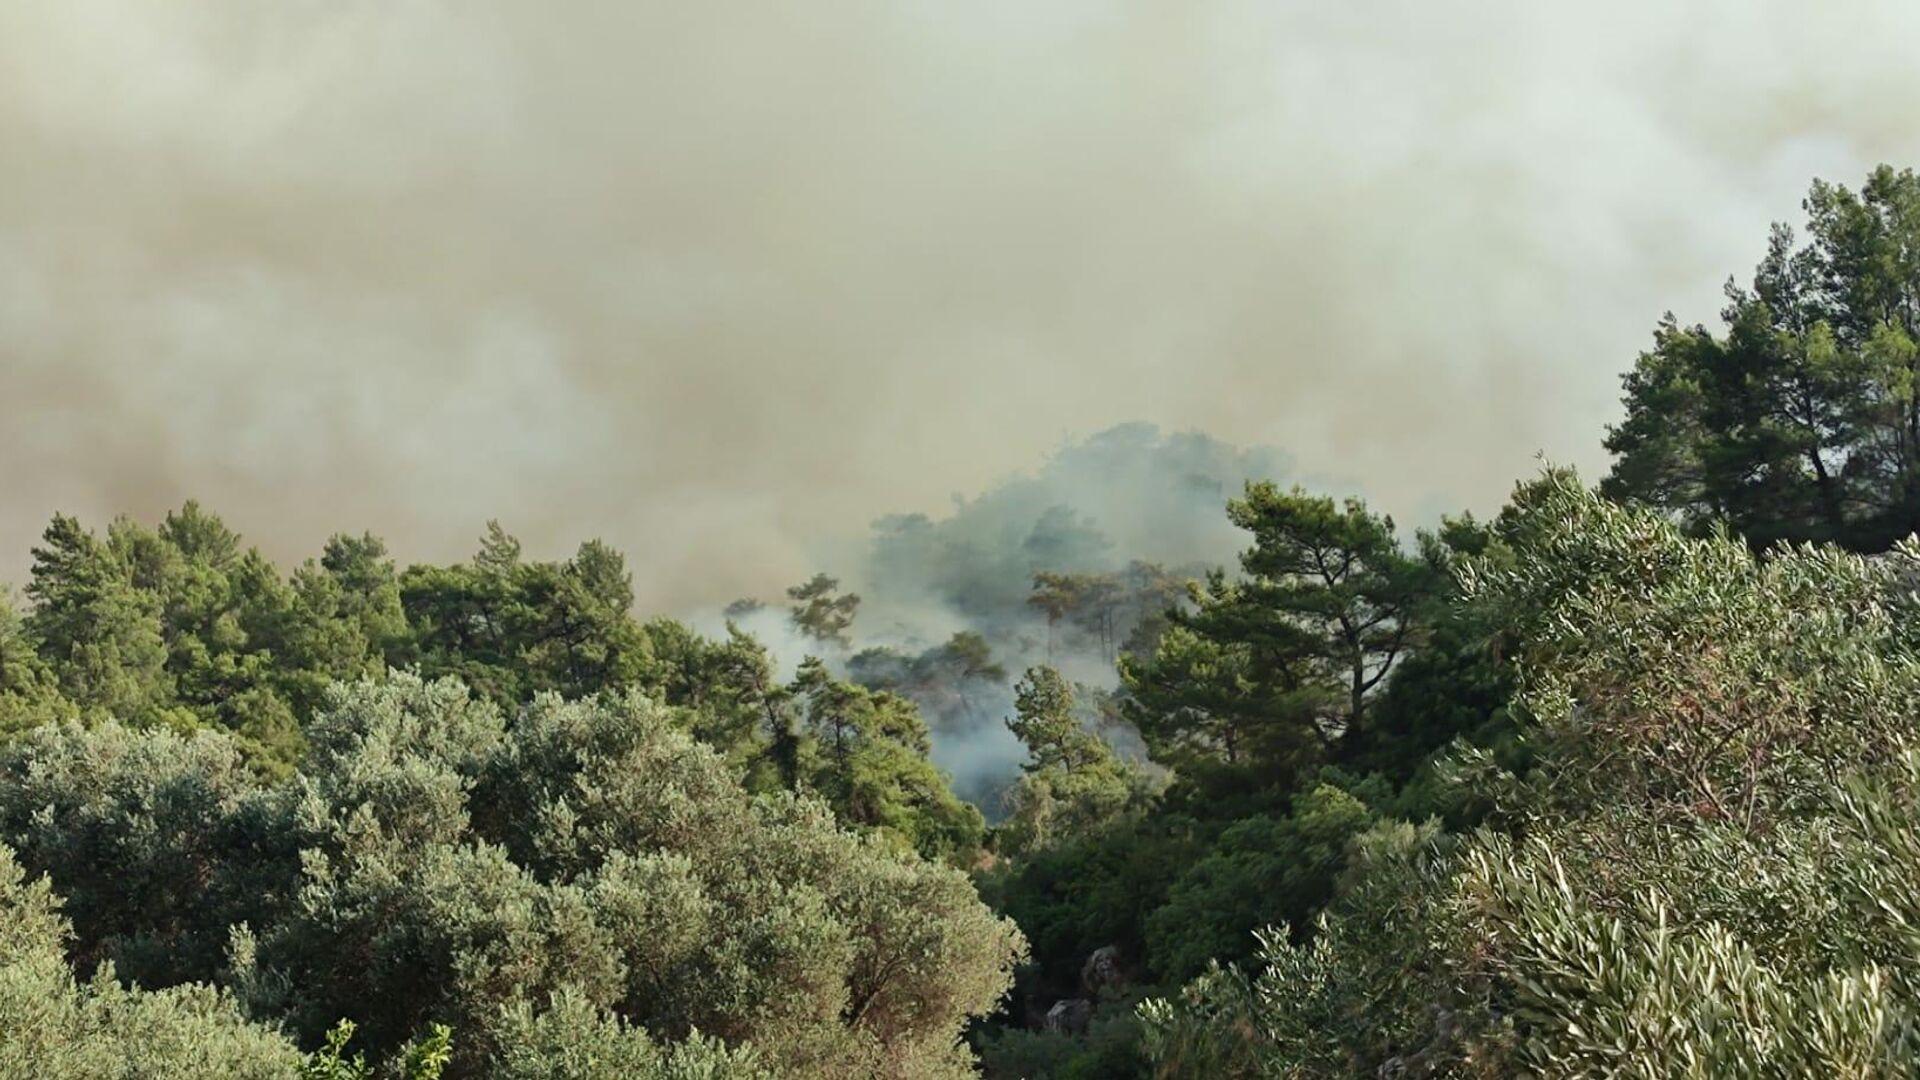 Дым от лесных пожаров в районе деревни Хисарёню в окрестностях турецкого города Мармарис - РИА Новости, 1920, 02.08.2021